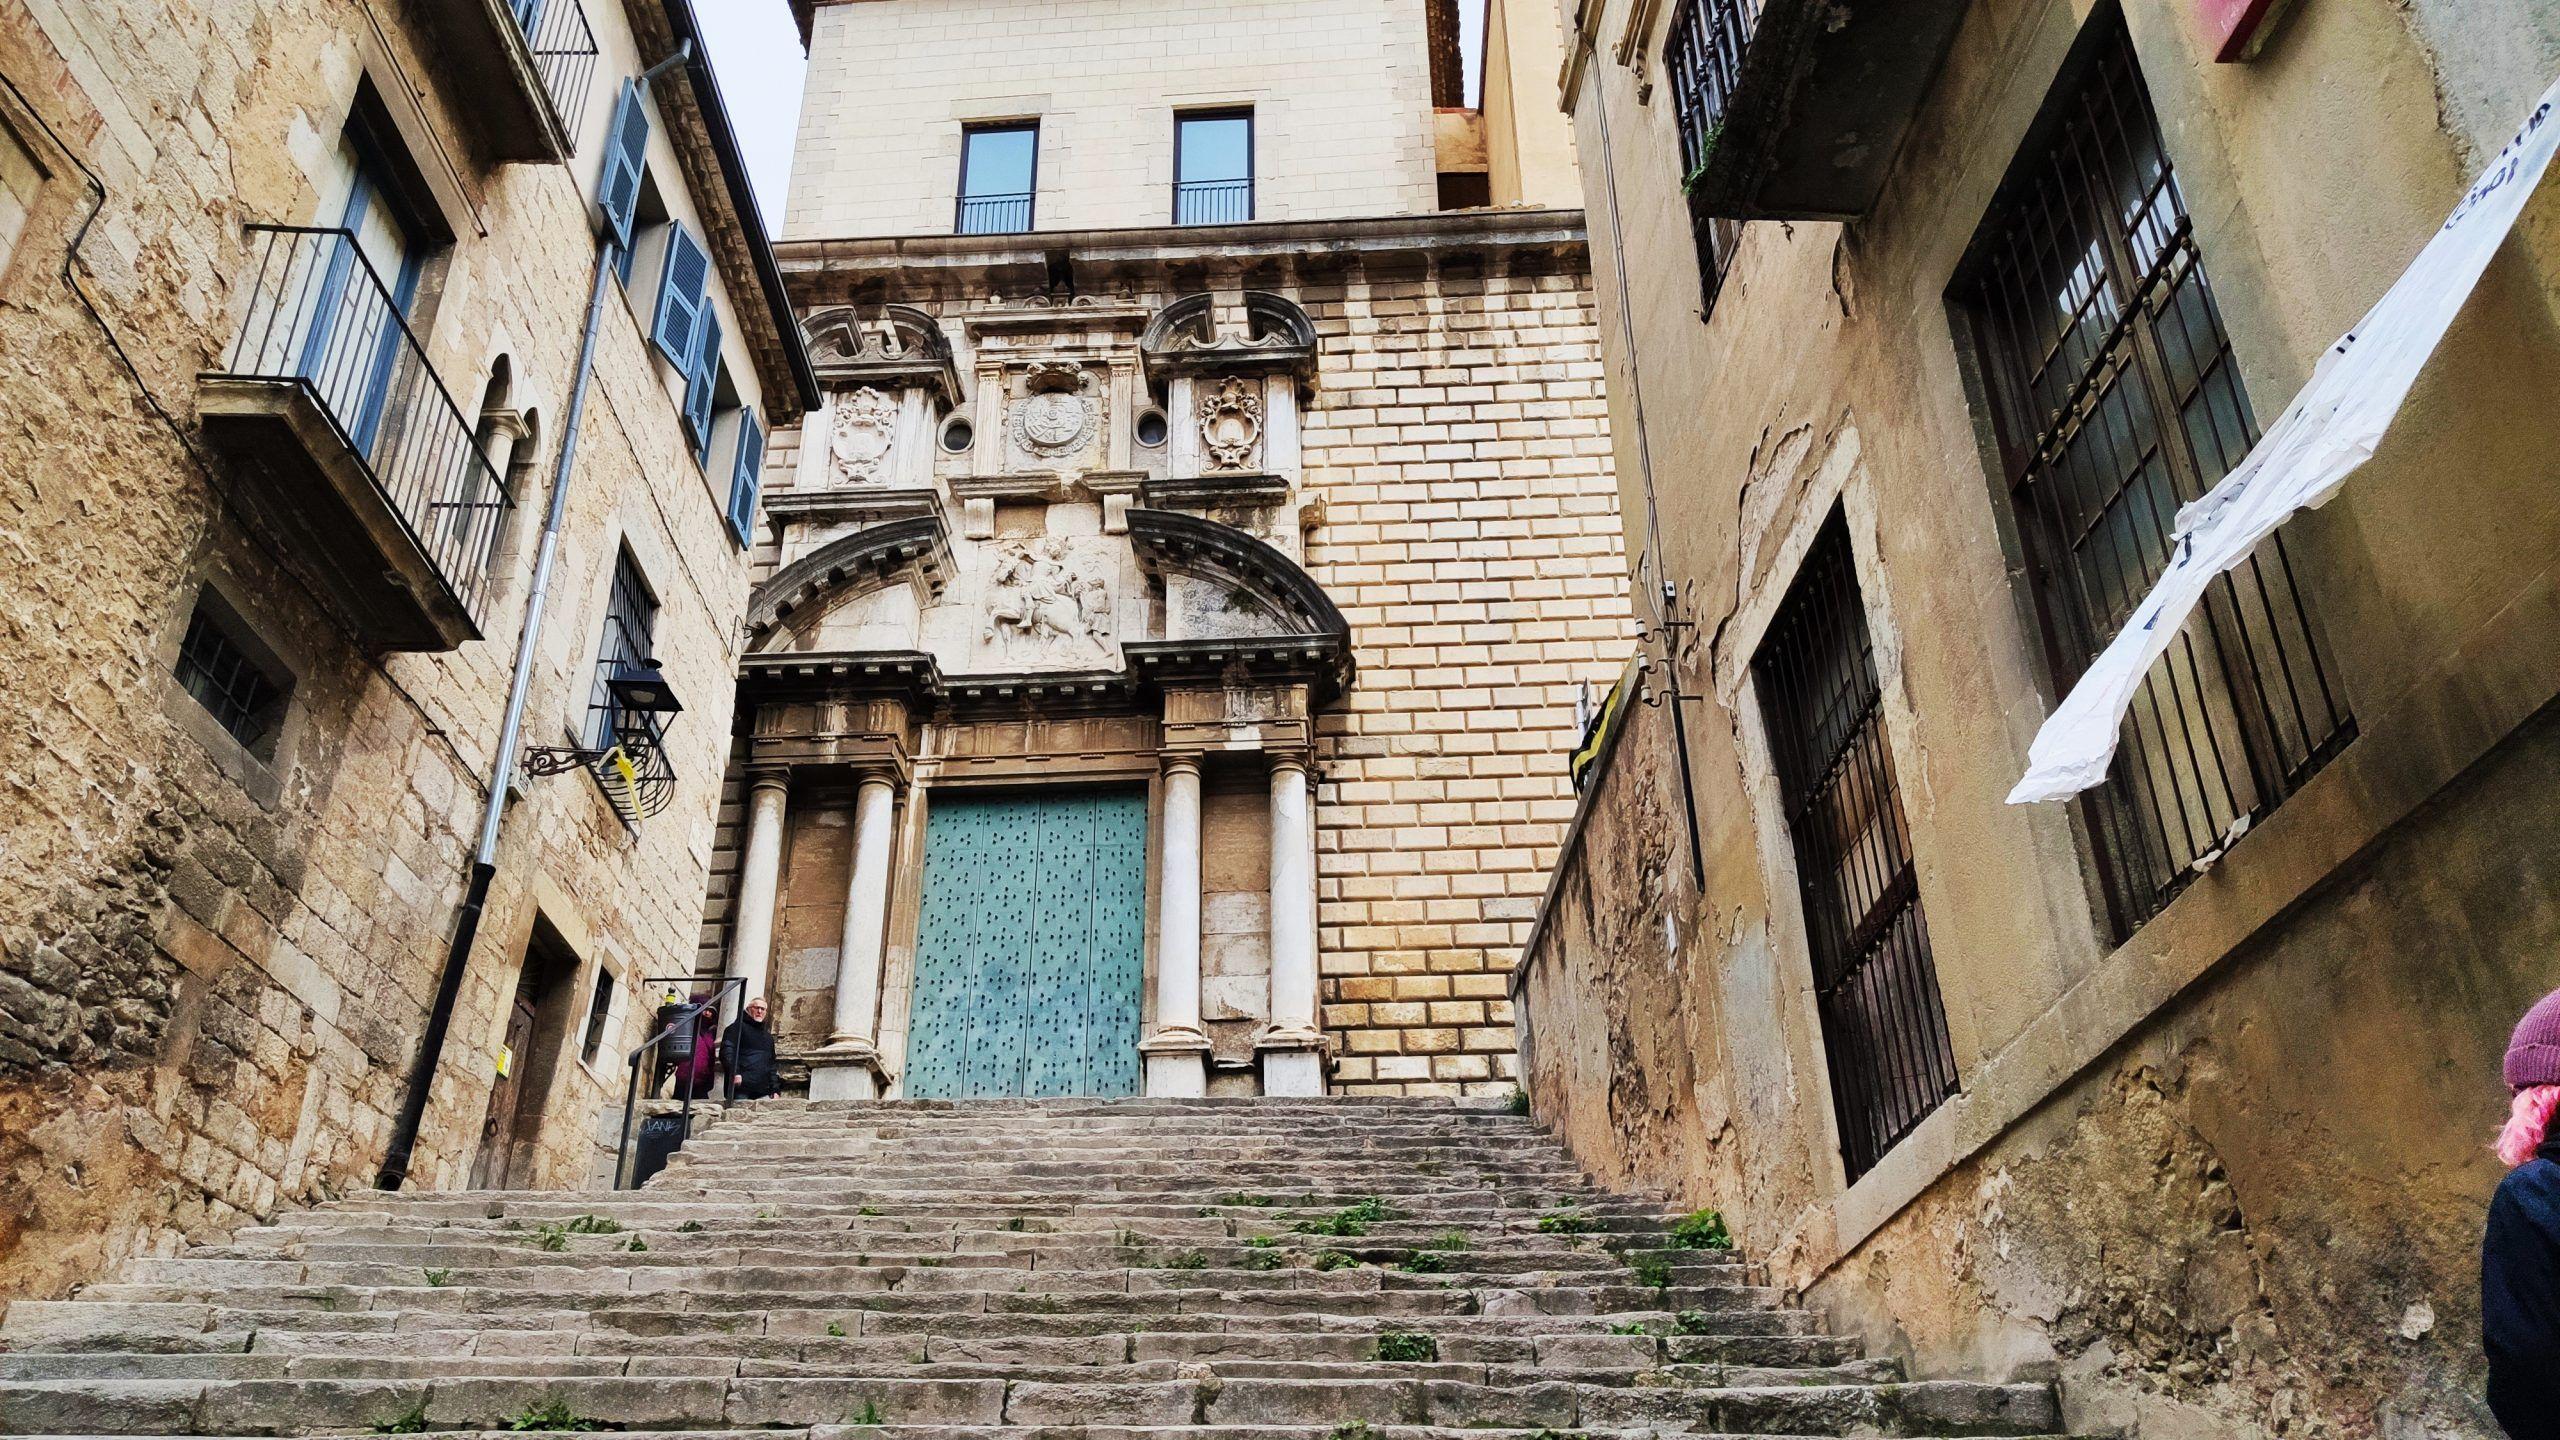 Escaleras e iglesia de Sant Martí